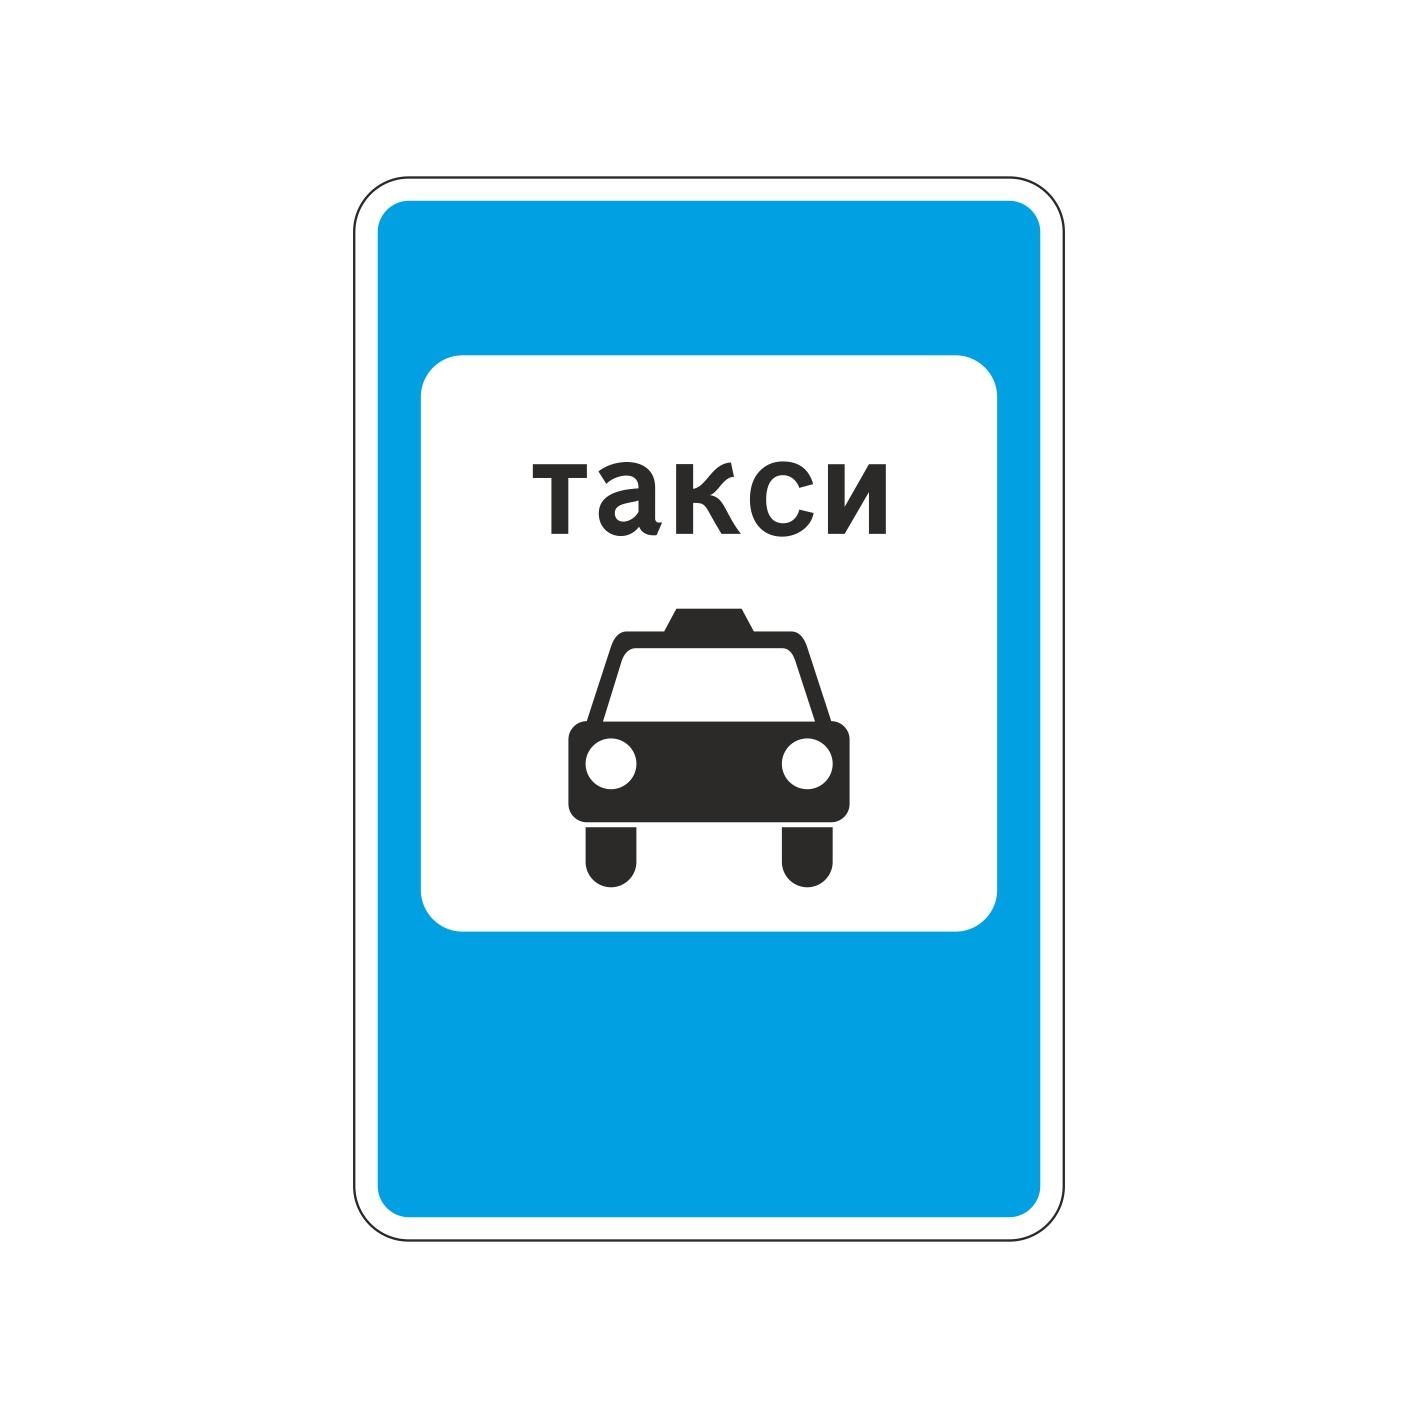 5.18 Место стоянки такси